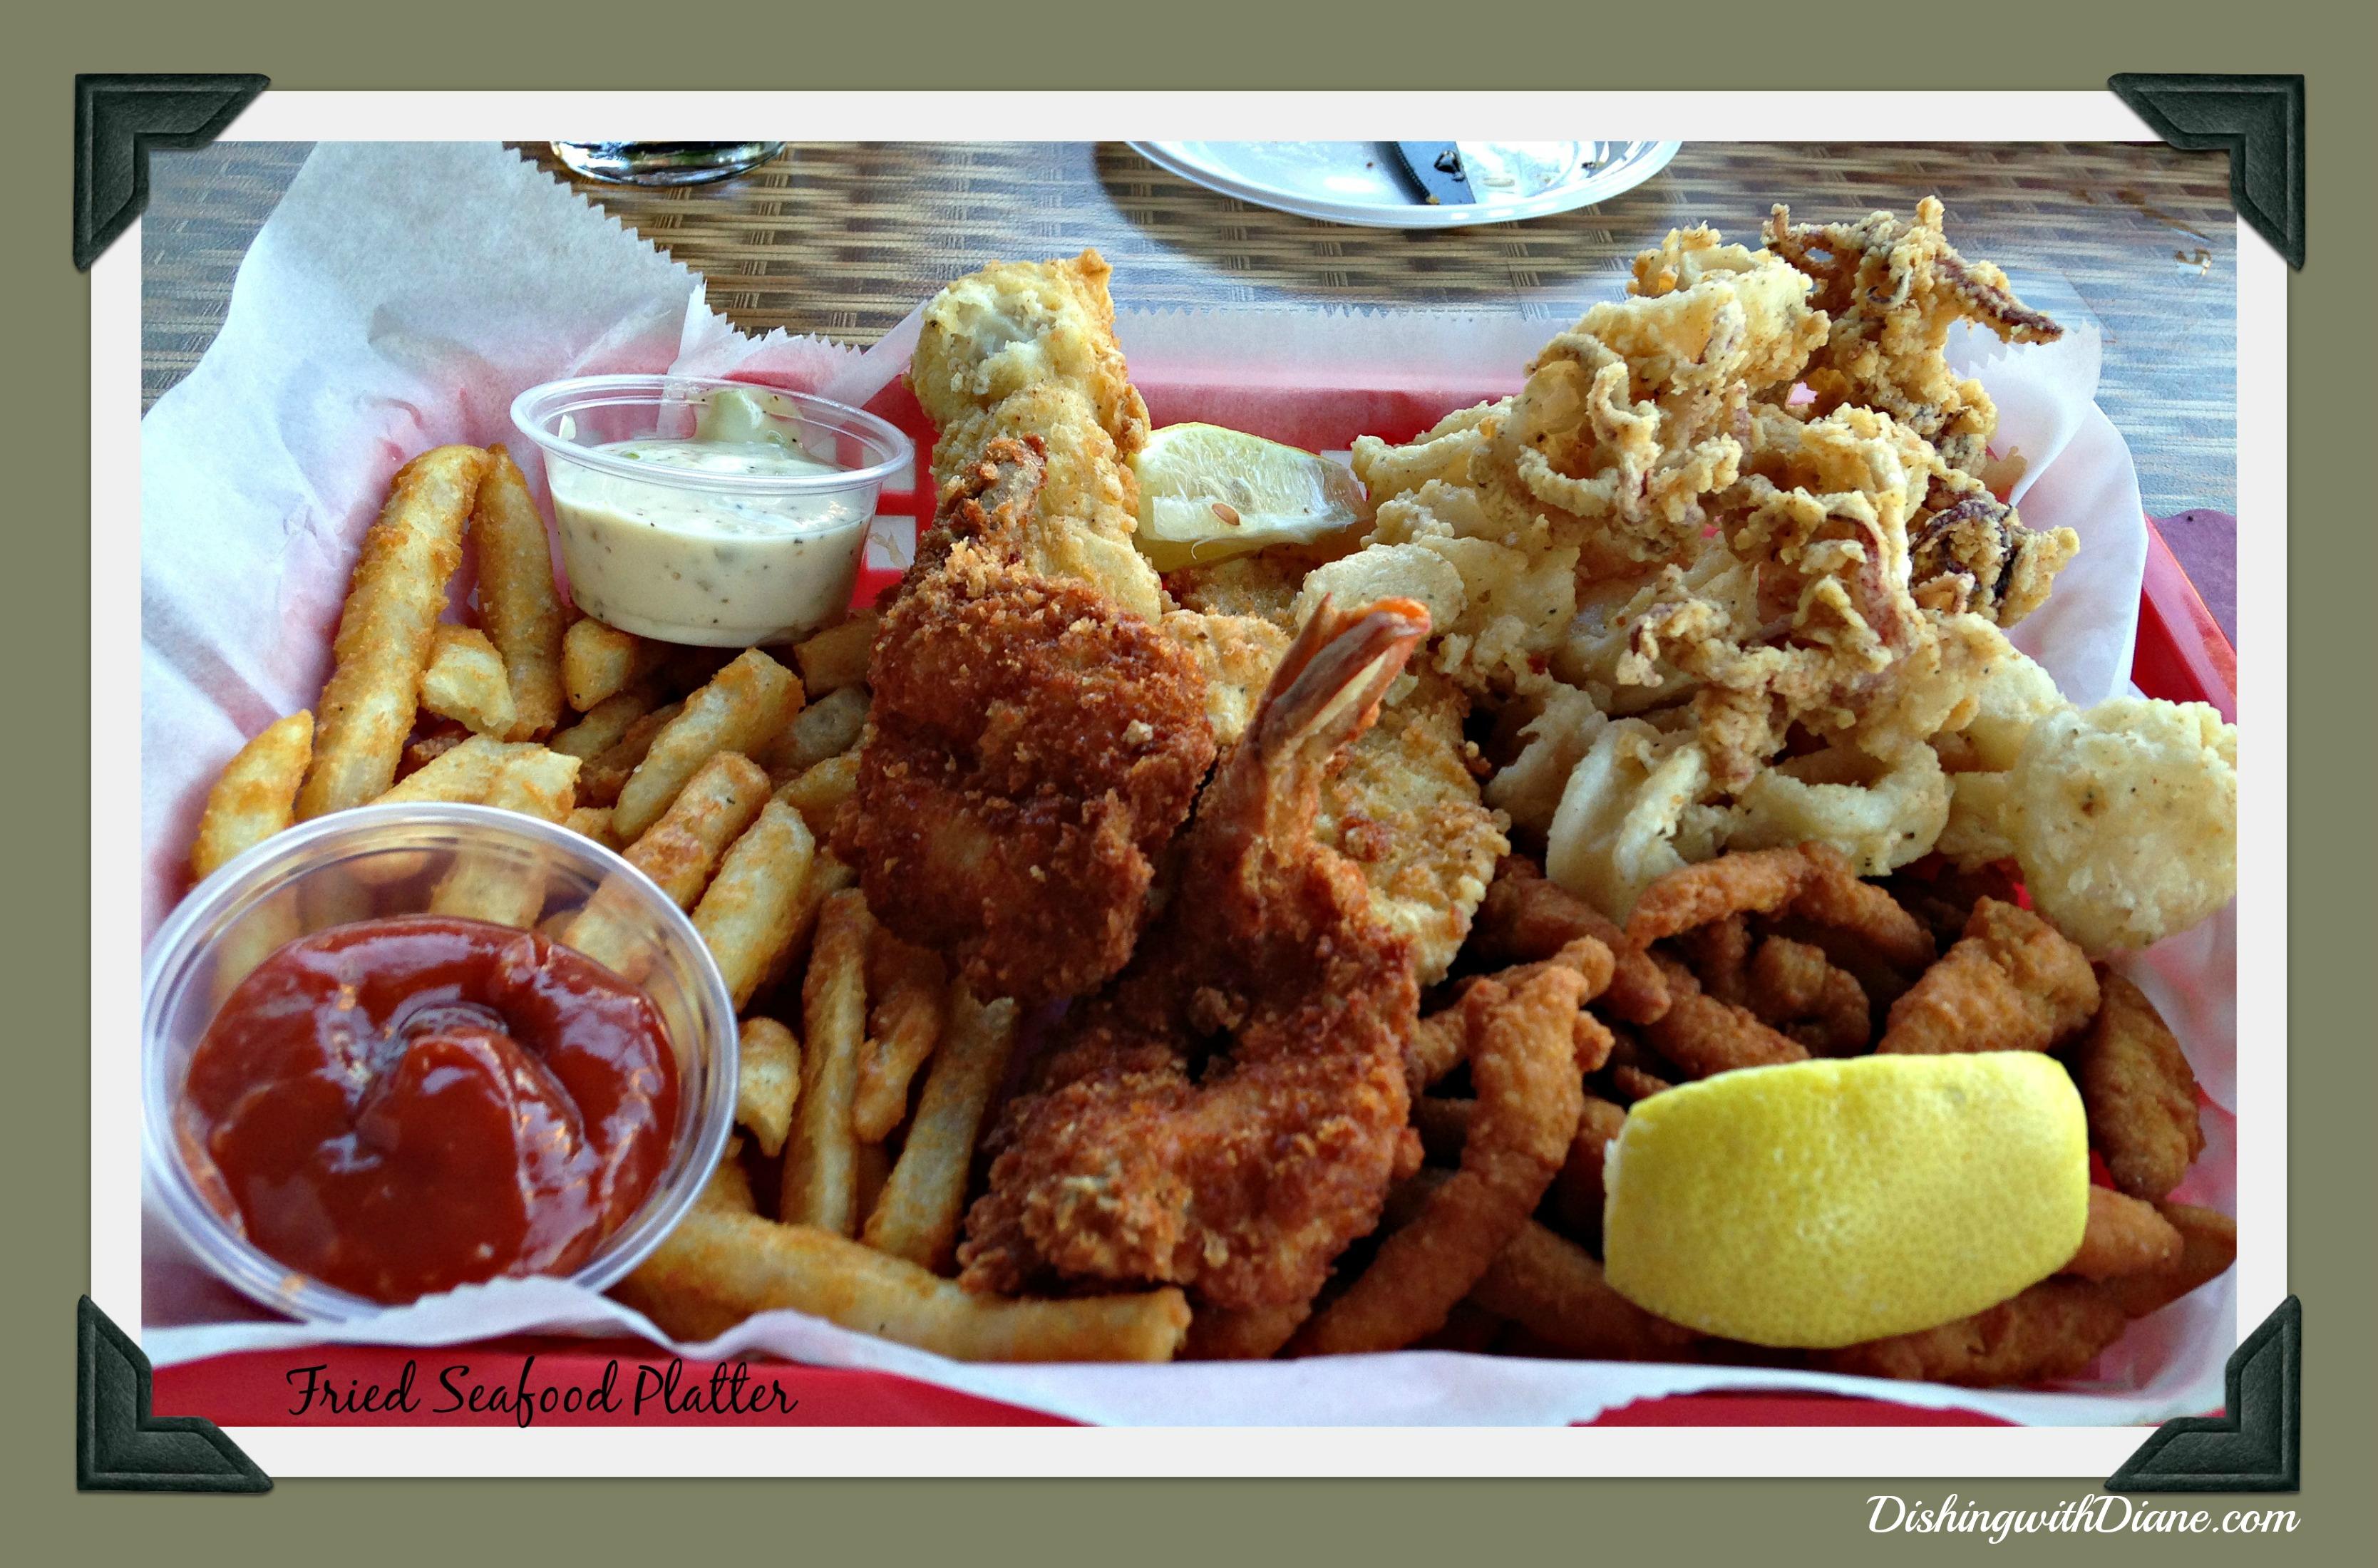 2016-08-29-18-22-55-fried-seafood-platter-for-blog